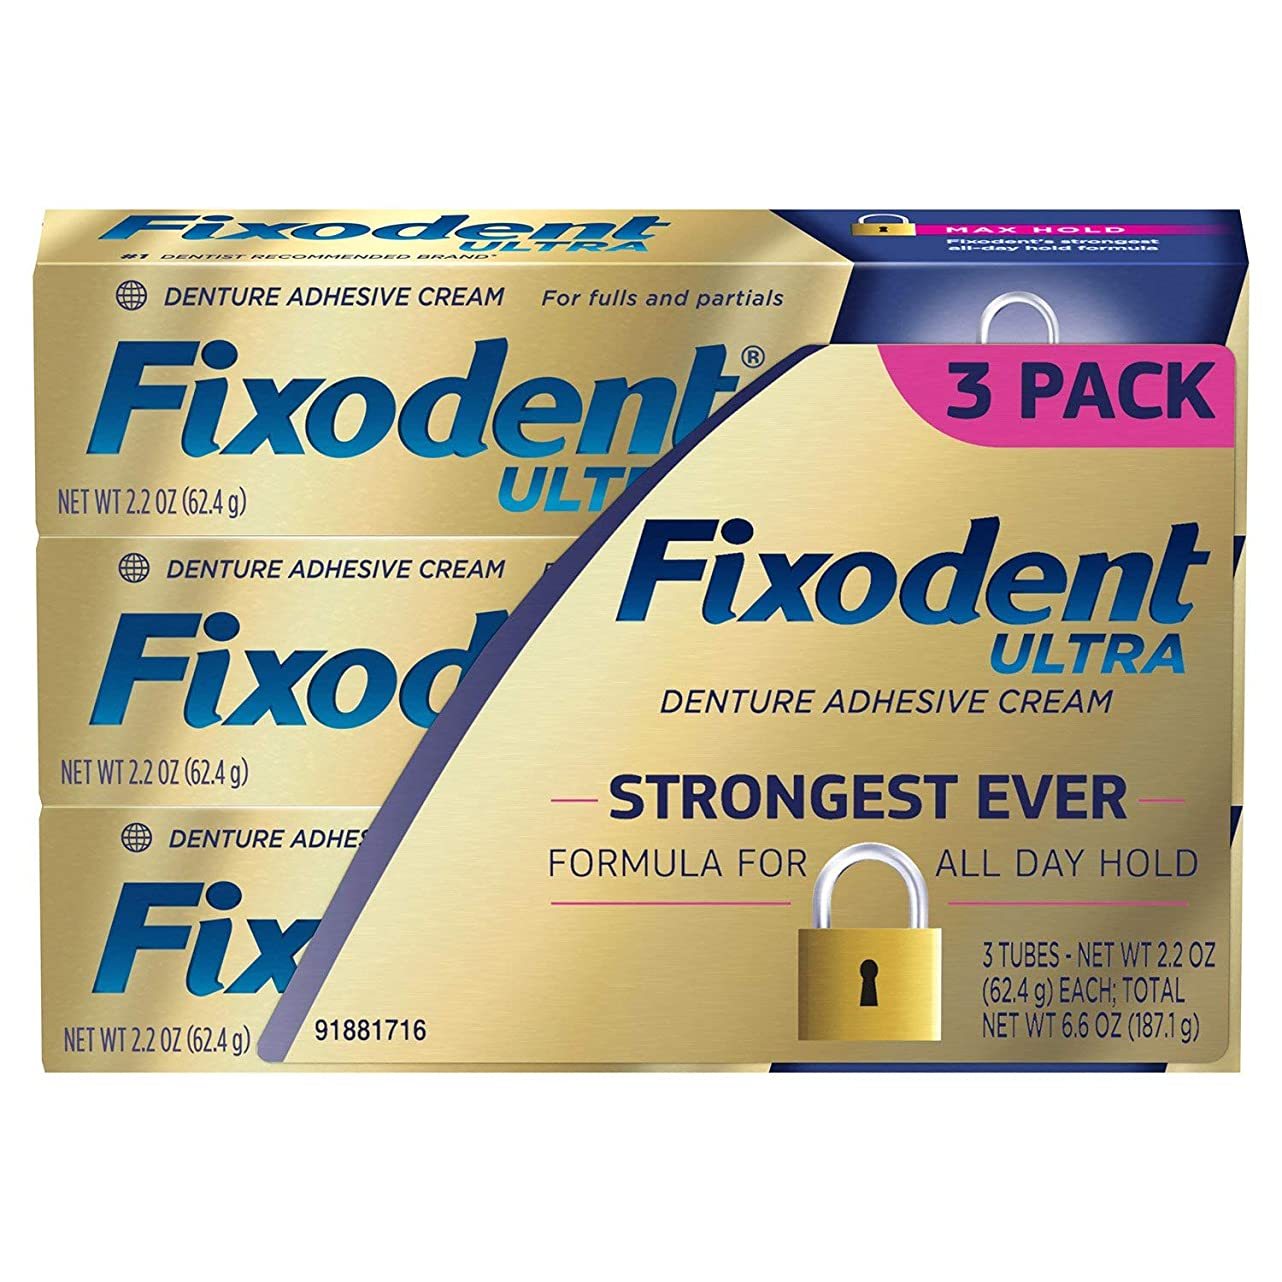 バッフル特派員願うFixodent ウルトラマックスホールド歯科用接着、2.2オンス - 3パック